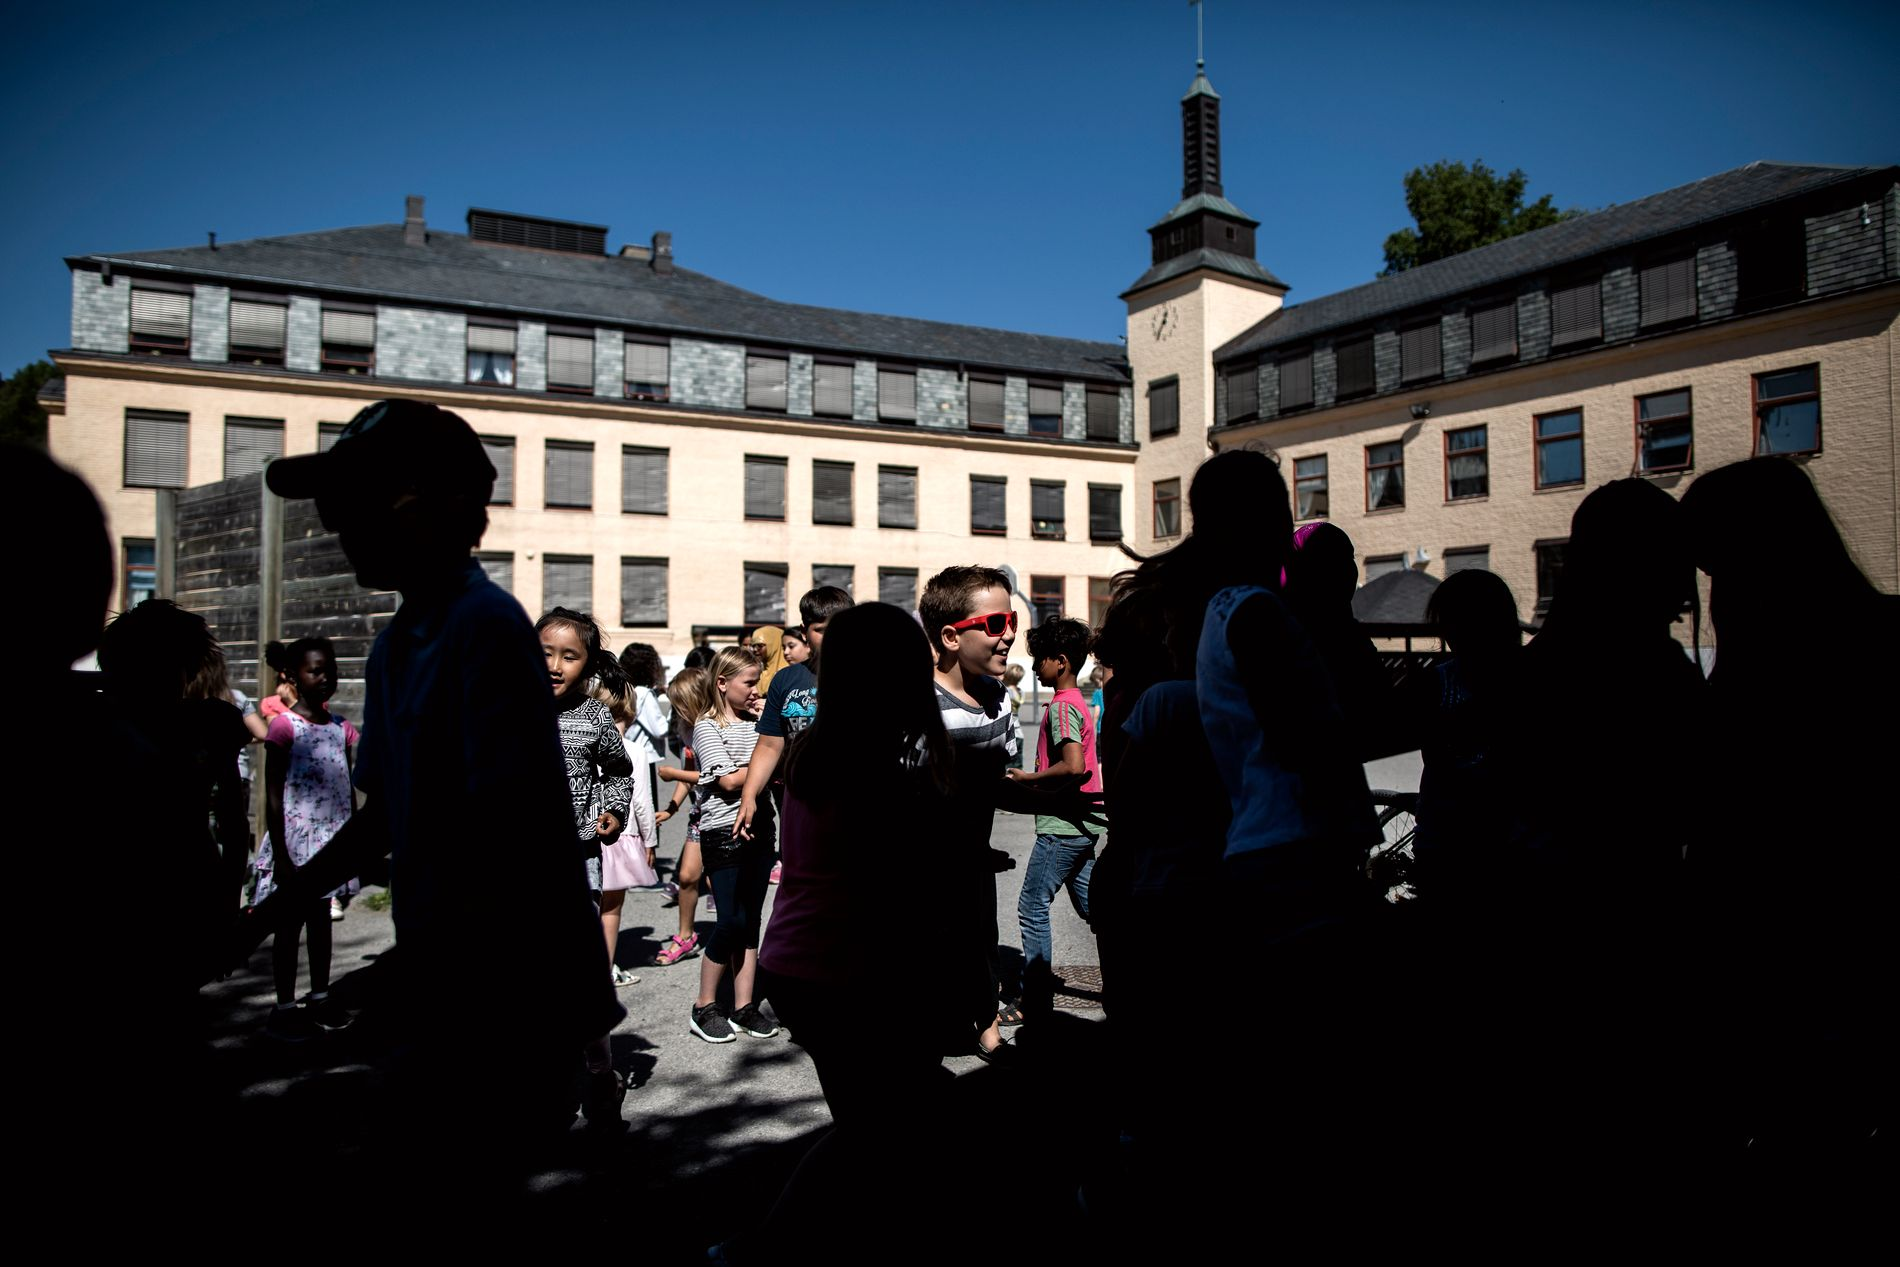 FRIMINUTT: Et yrende liv i skolegården på Hønefoss skole når førsteklassingene slippes ut i sola.